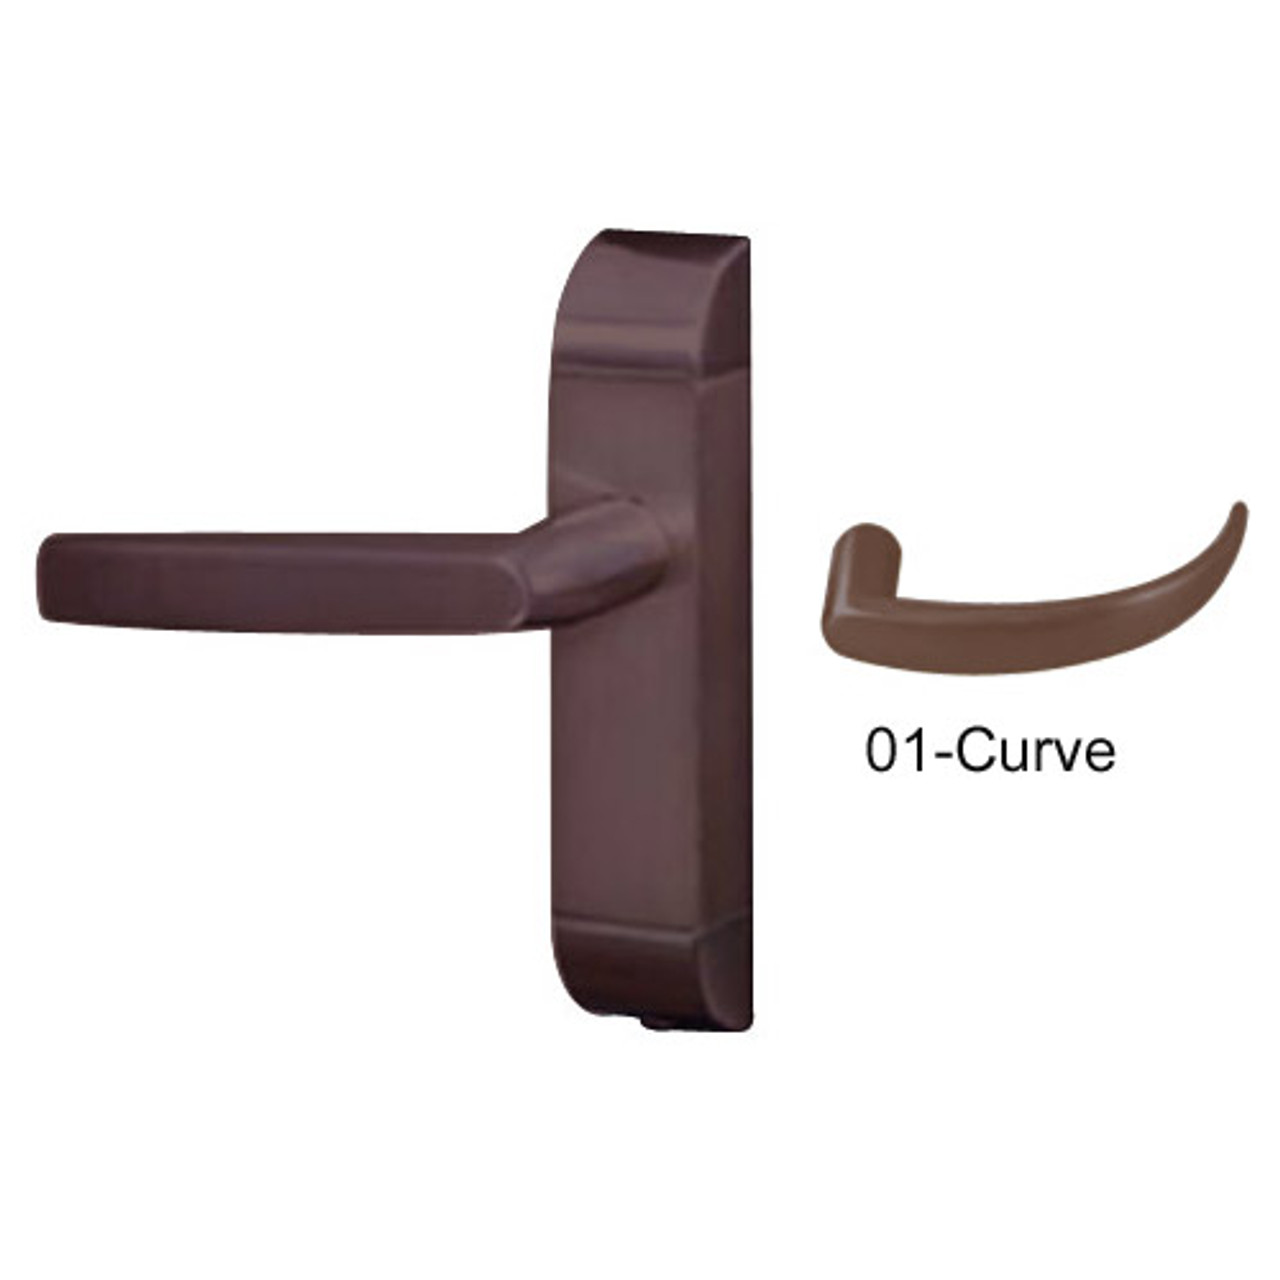 4600-01-621-US10B Adams Rite Heavy Duty Curve Deadlatch Handles in Oil Rubbed Bronze Finish